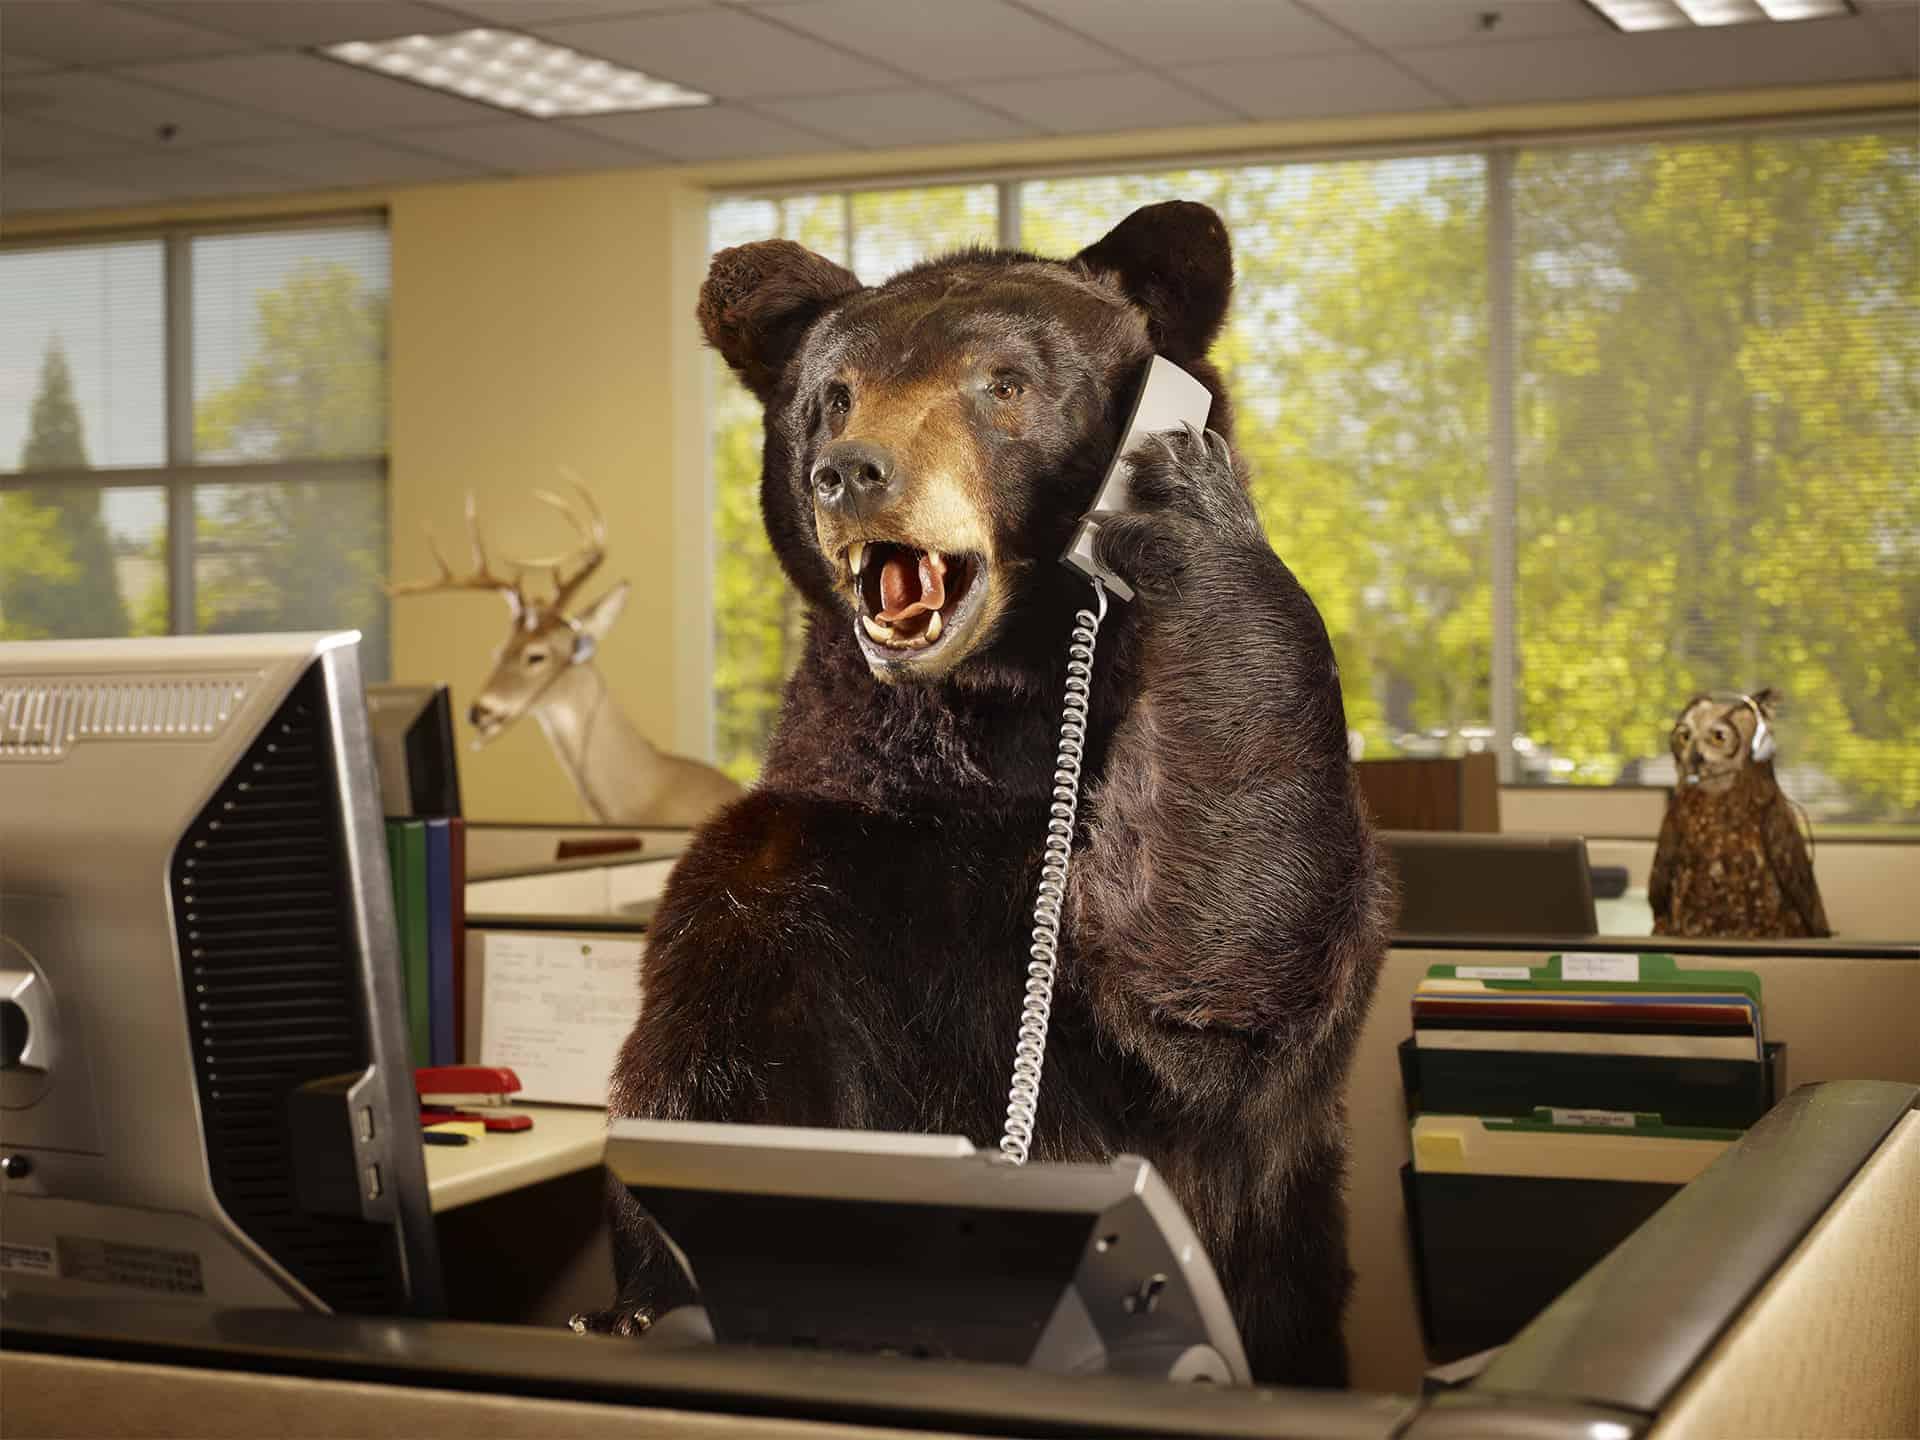 животные в офисе картинки высохнет клей, снимаем